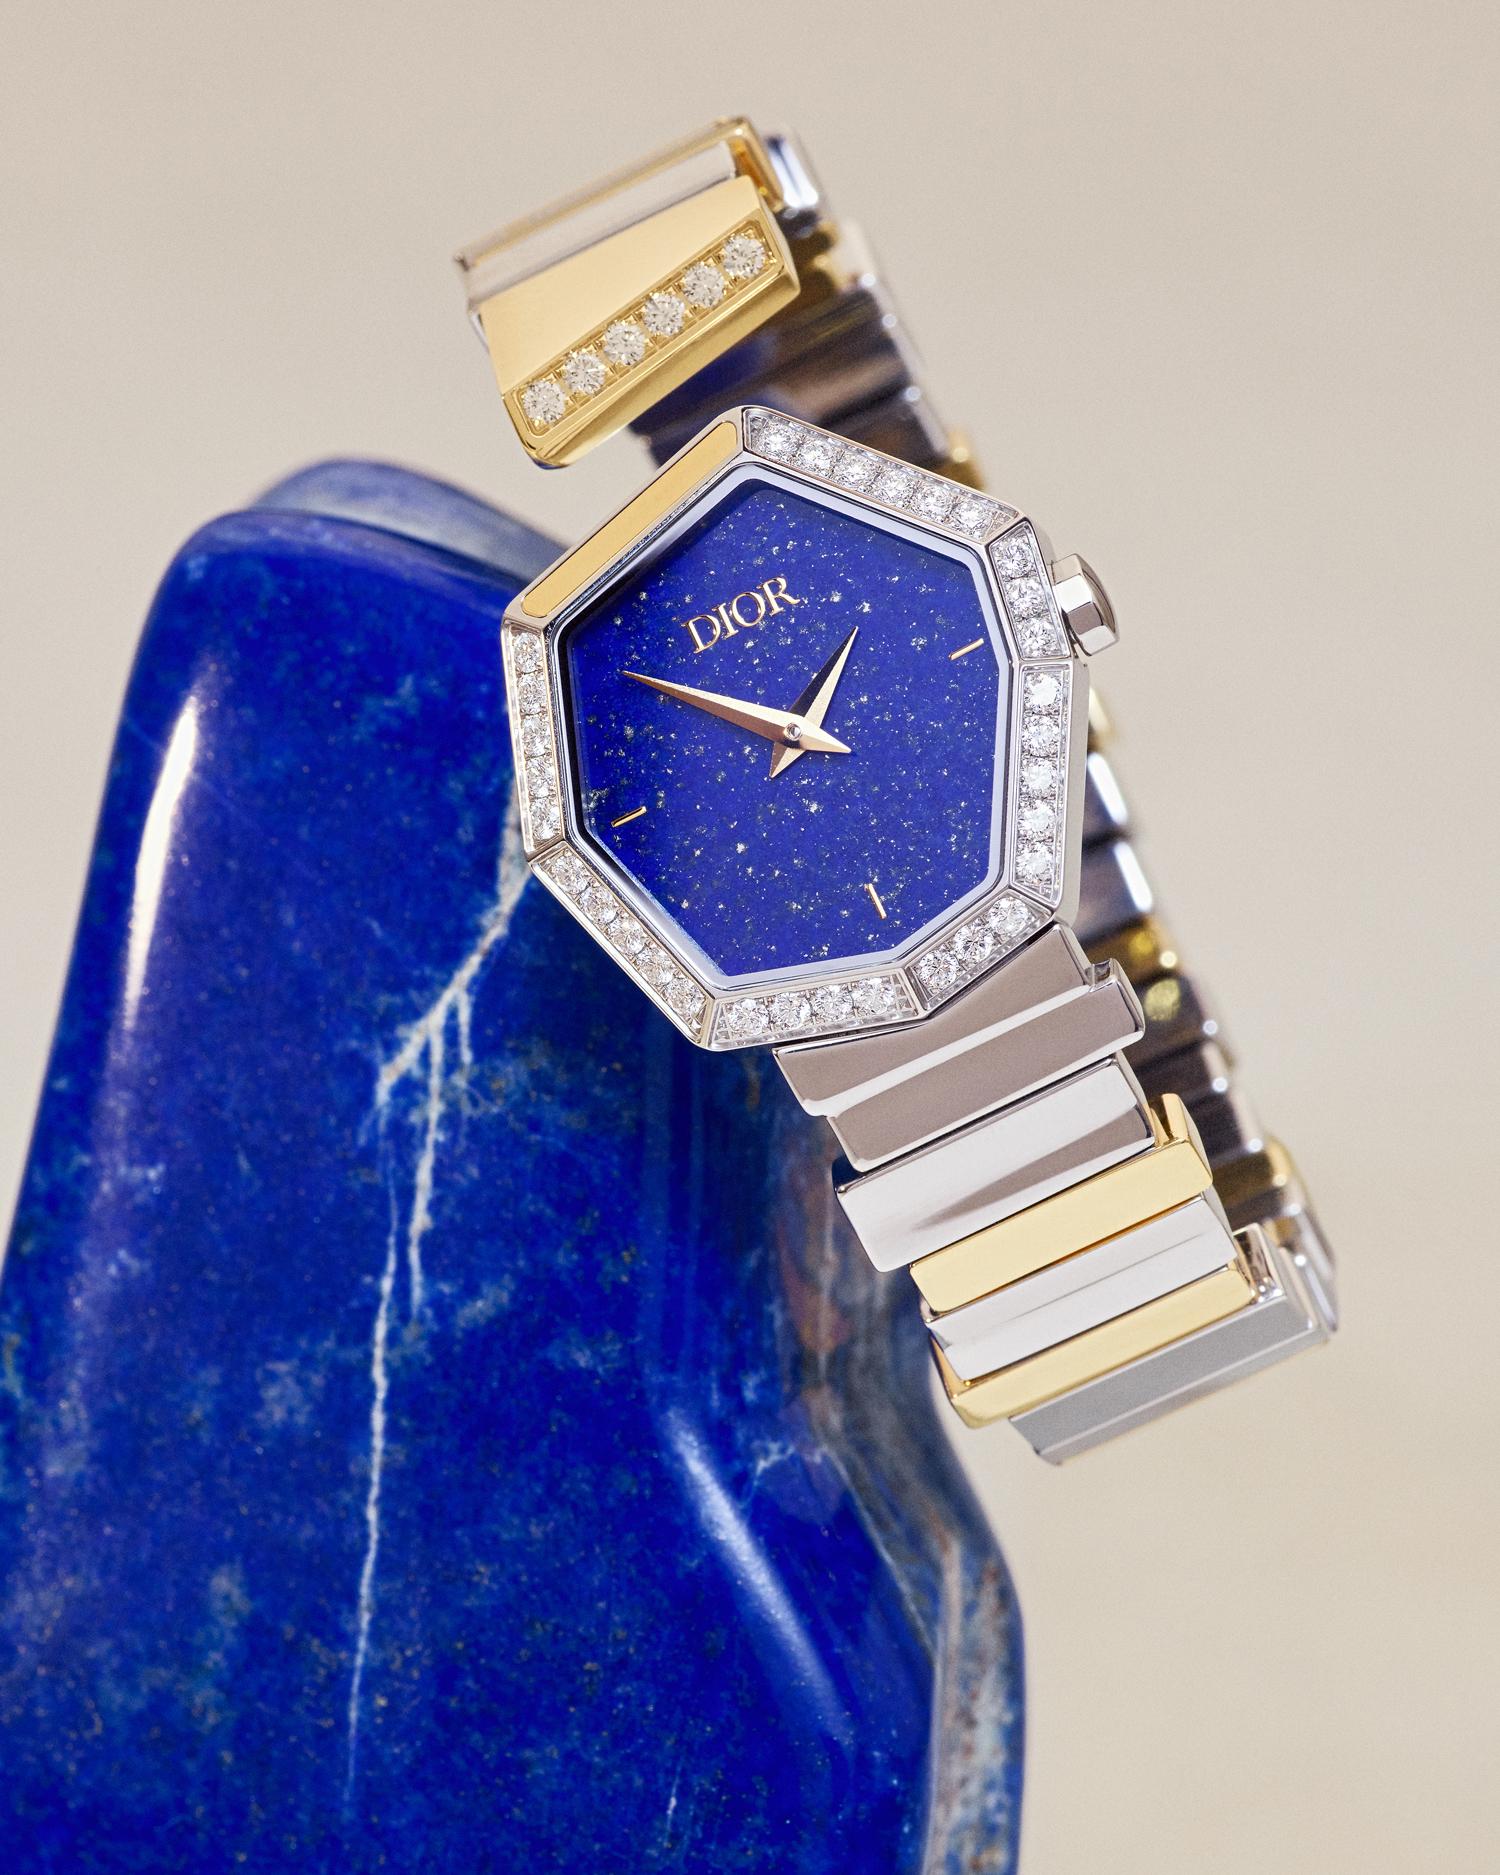 Dior-horlogerie-montre-bleu-